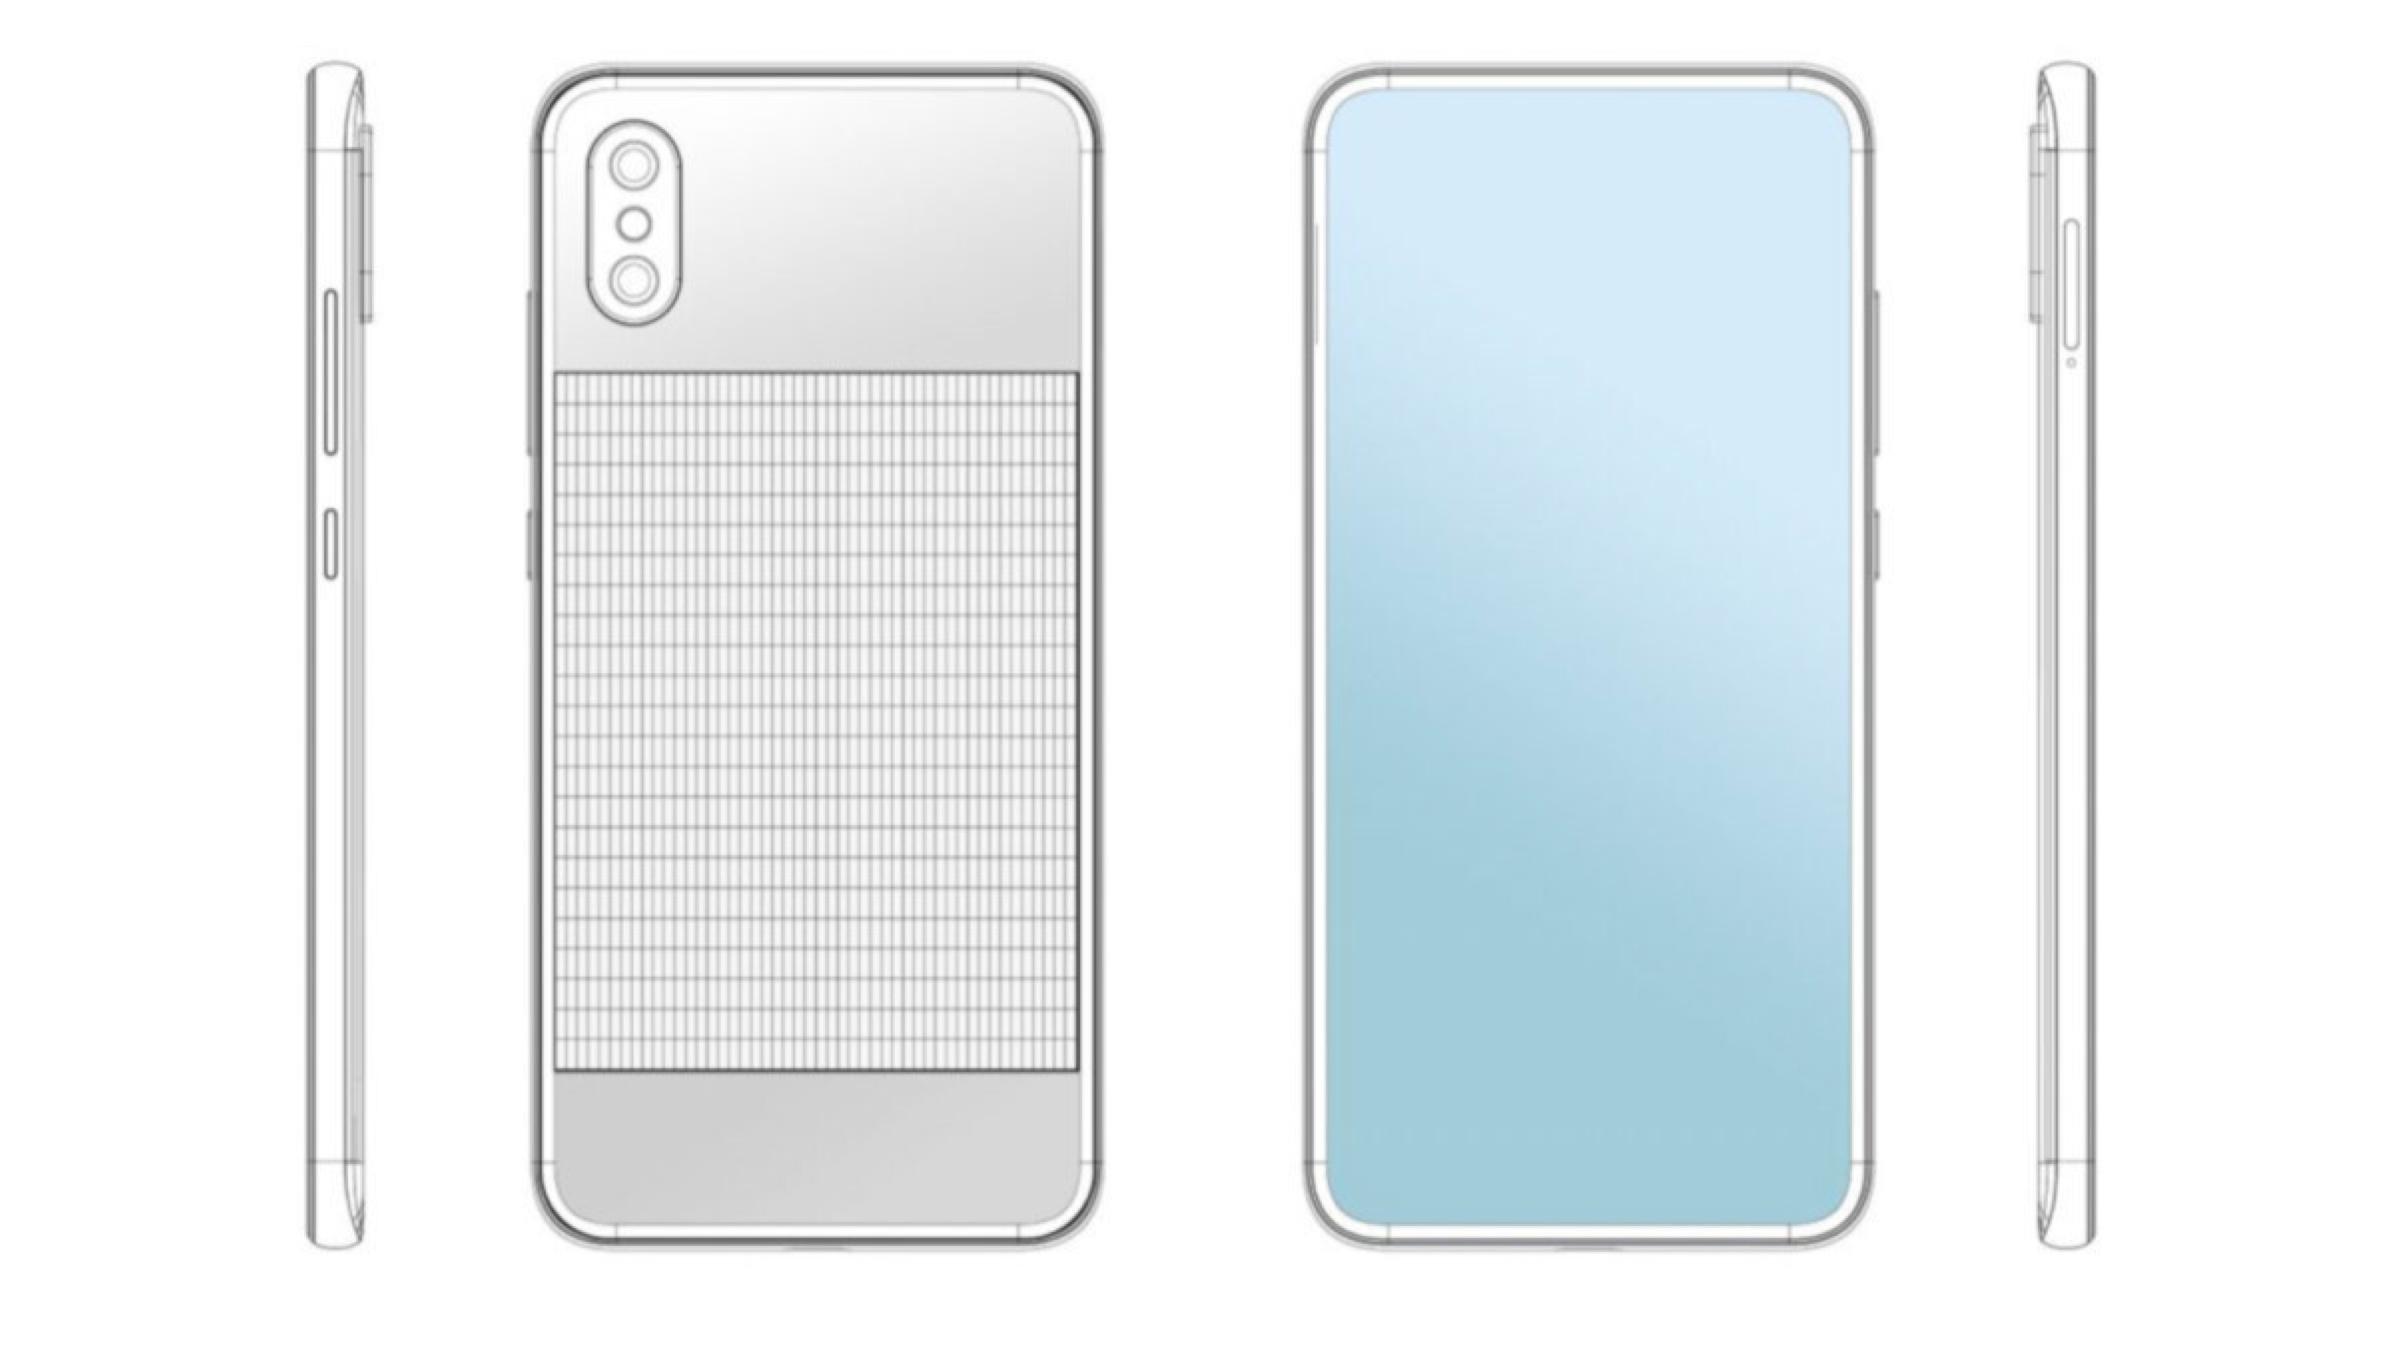 Xiaomi Solar Panel ile Bir Akıllı Telefon Geliştiriyor 1